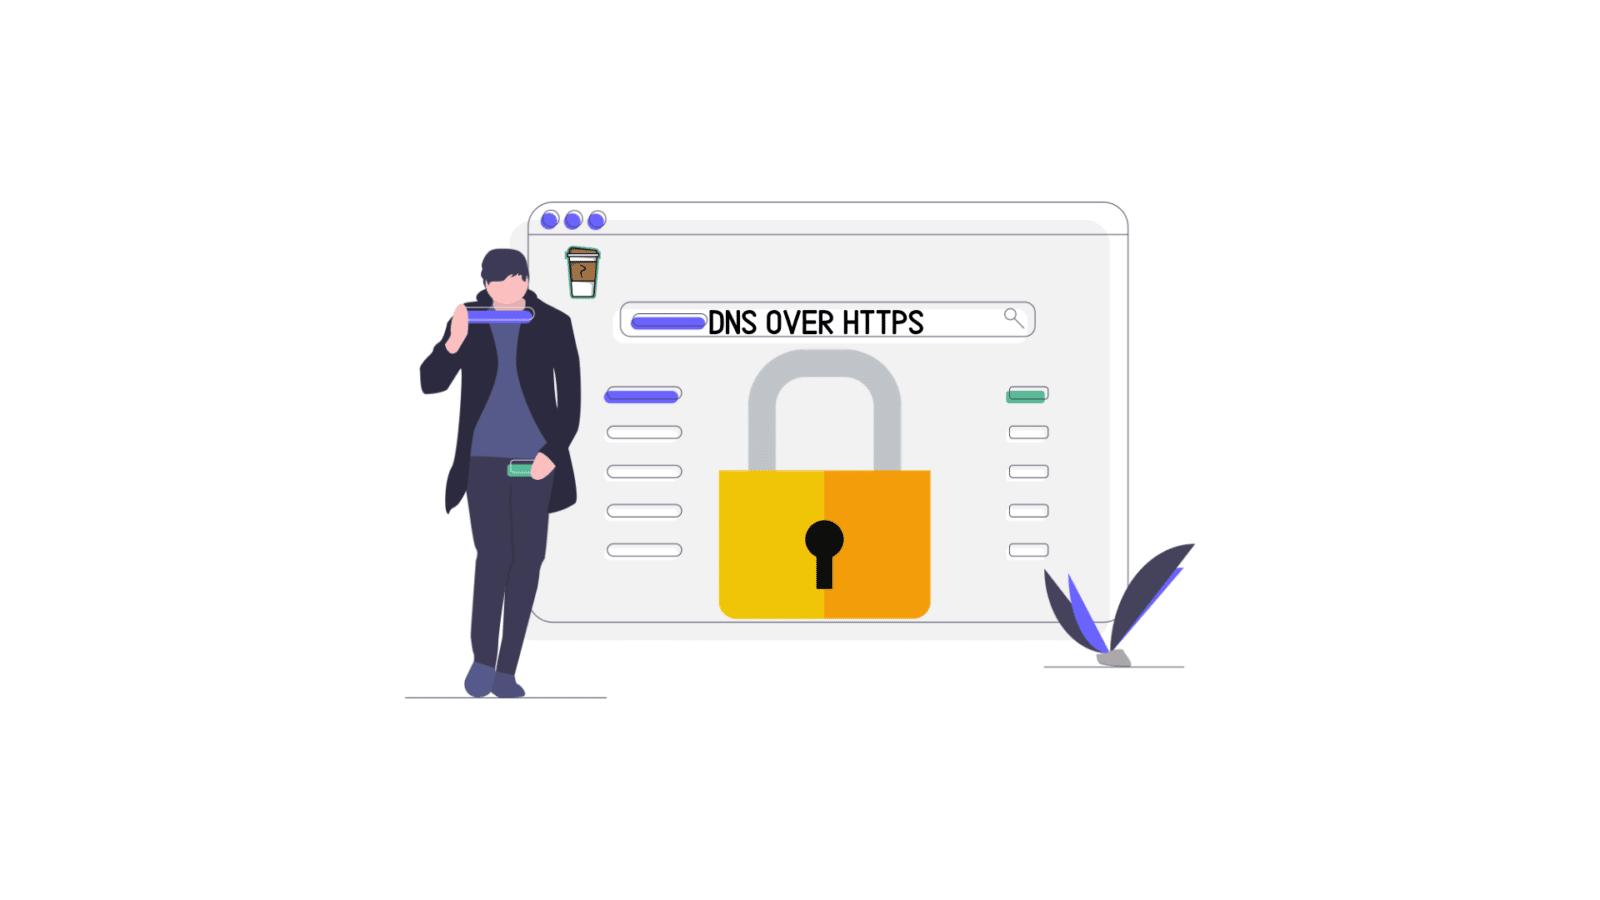 Bannière DNS over HTTPS